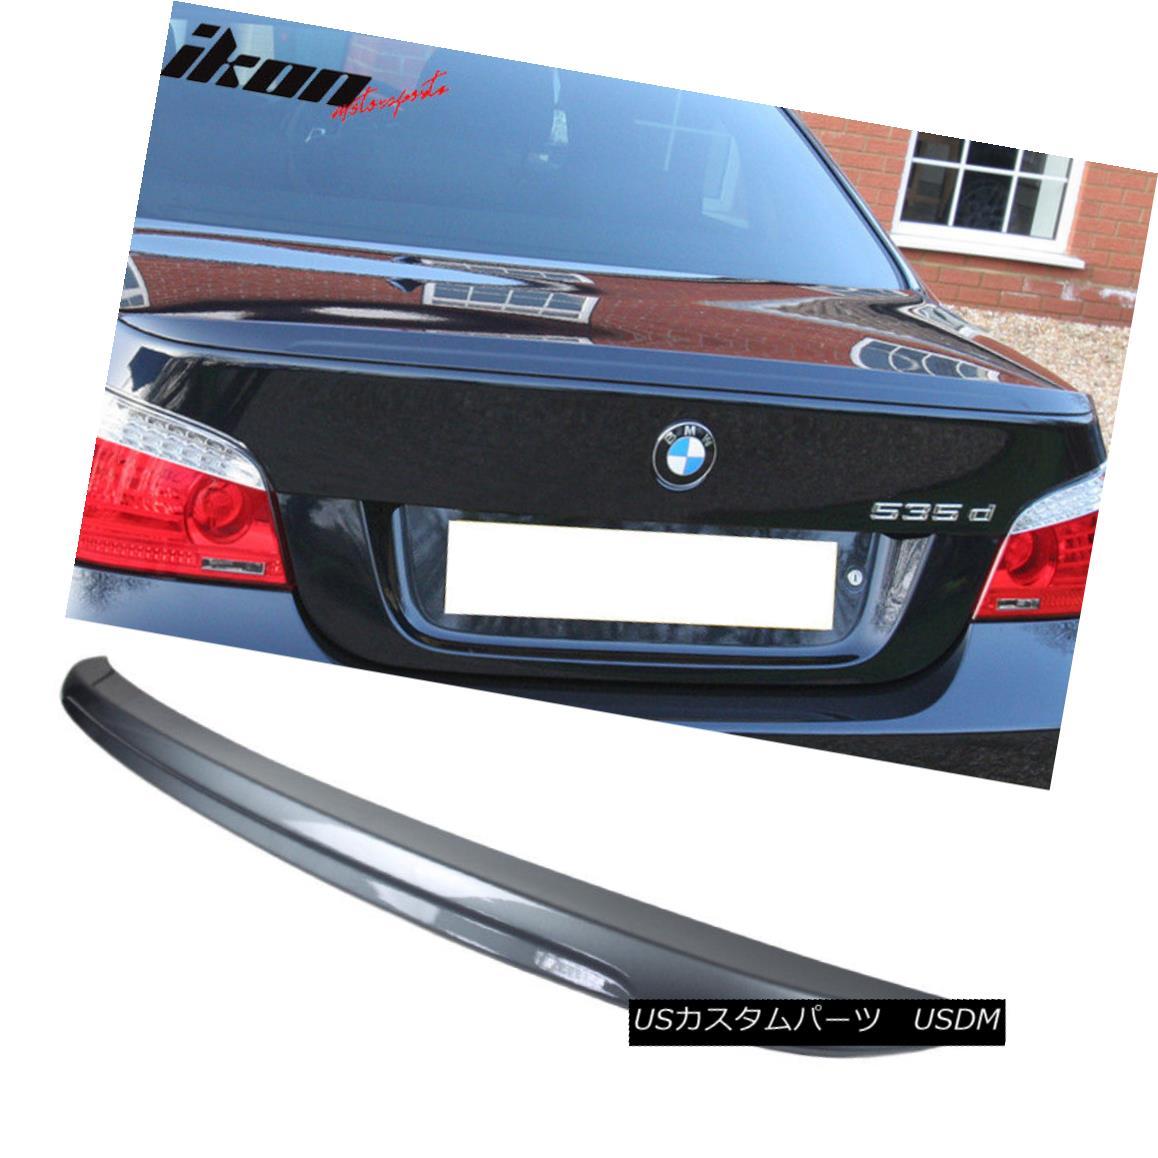 エアロパーツ 04-10 BMW E60 5-Series M5 Trunk Spoiler Painted #A08 Sterling Silver Metallic 04-10 BMW E60 5シリーズM5トランク・スポイラー#A08スターリングシルバー・メタリック